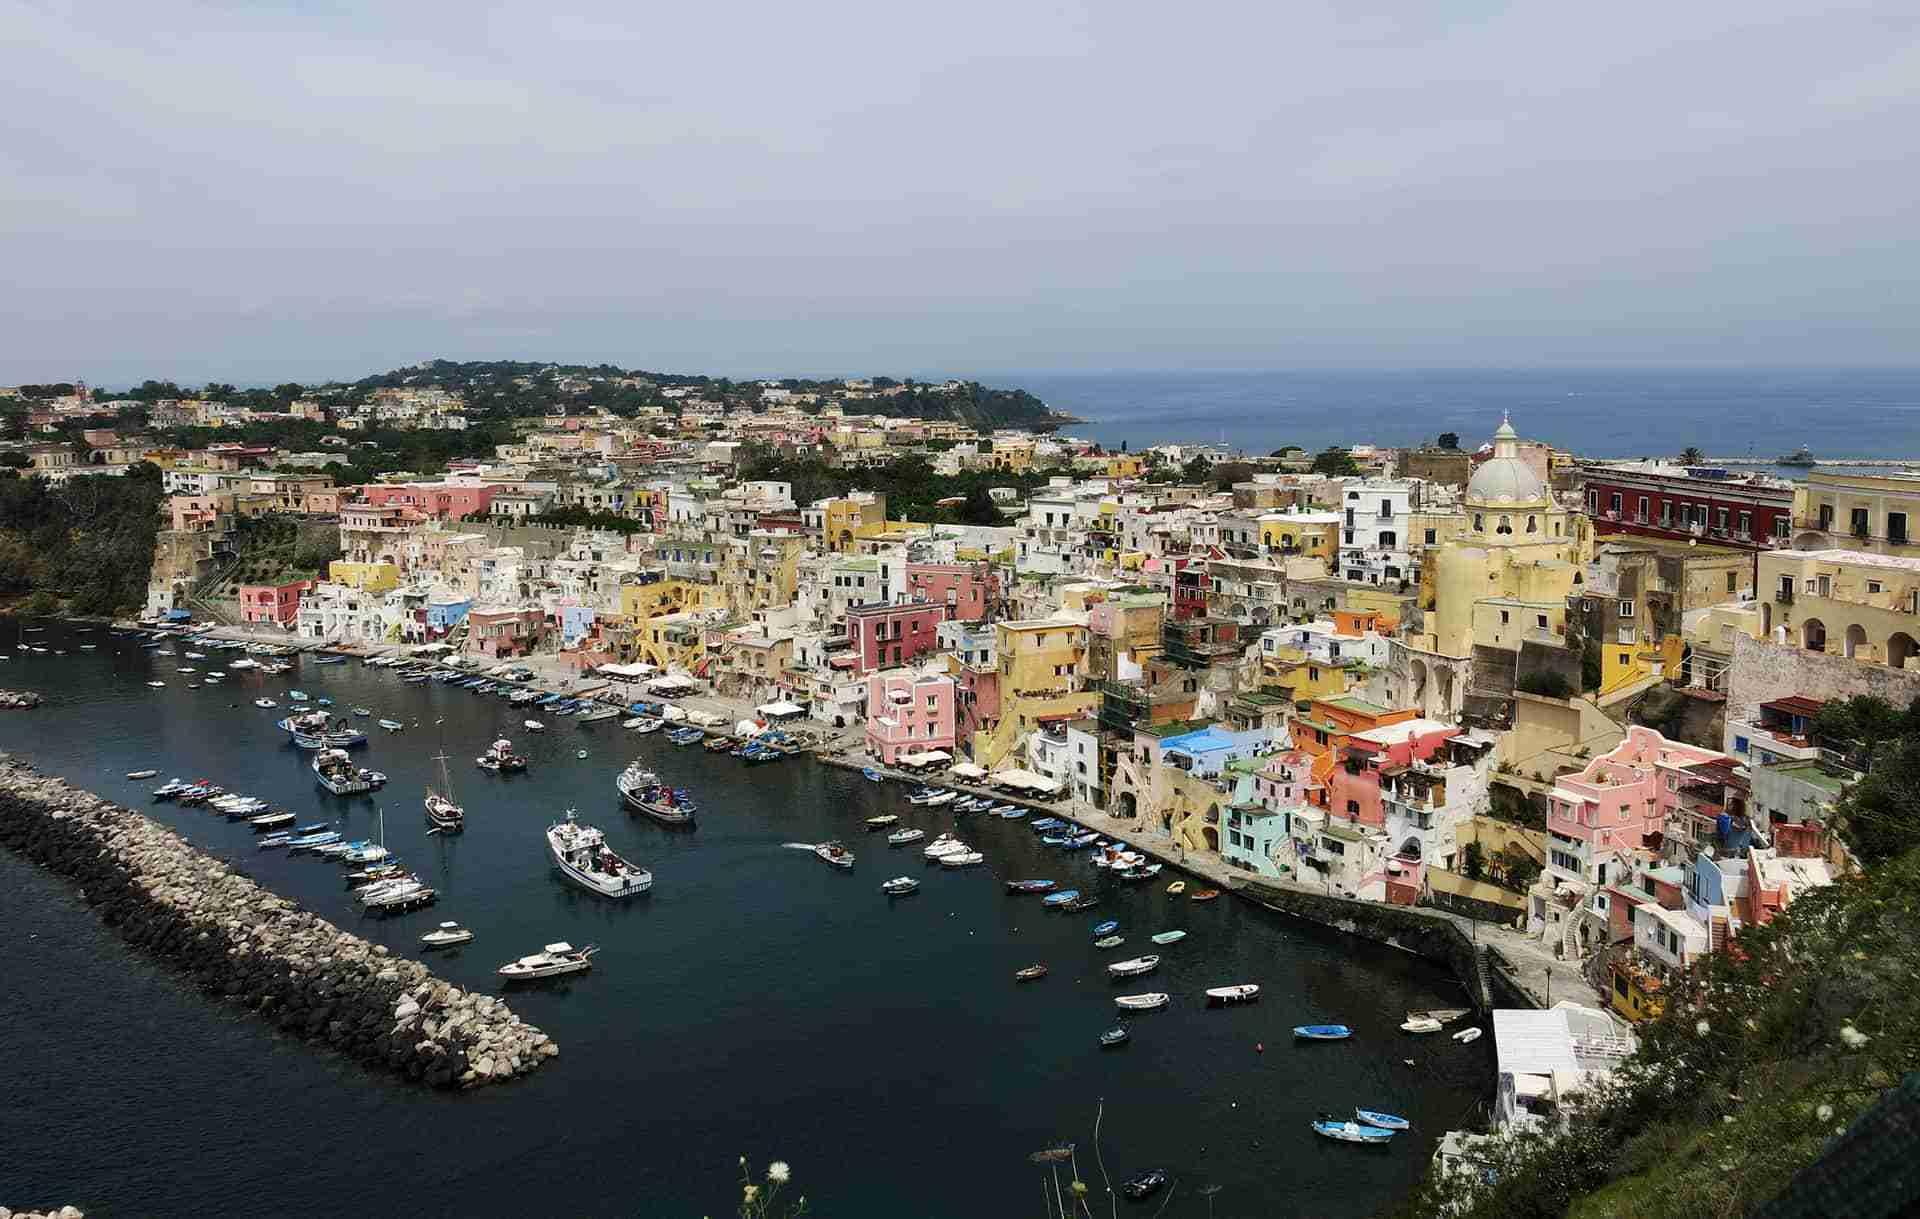 Crociera in Costiera amalfitana e isole del Golfo di Napoli 5